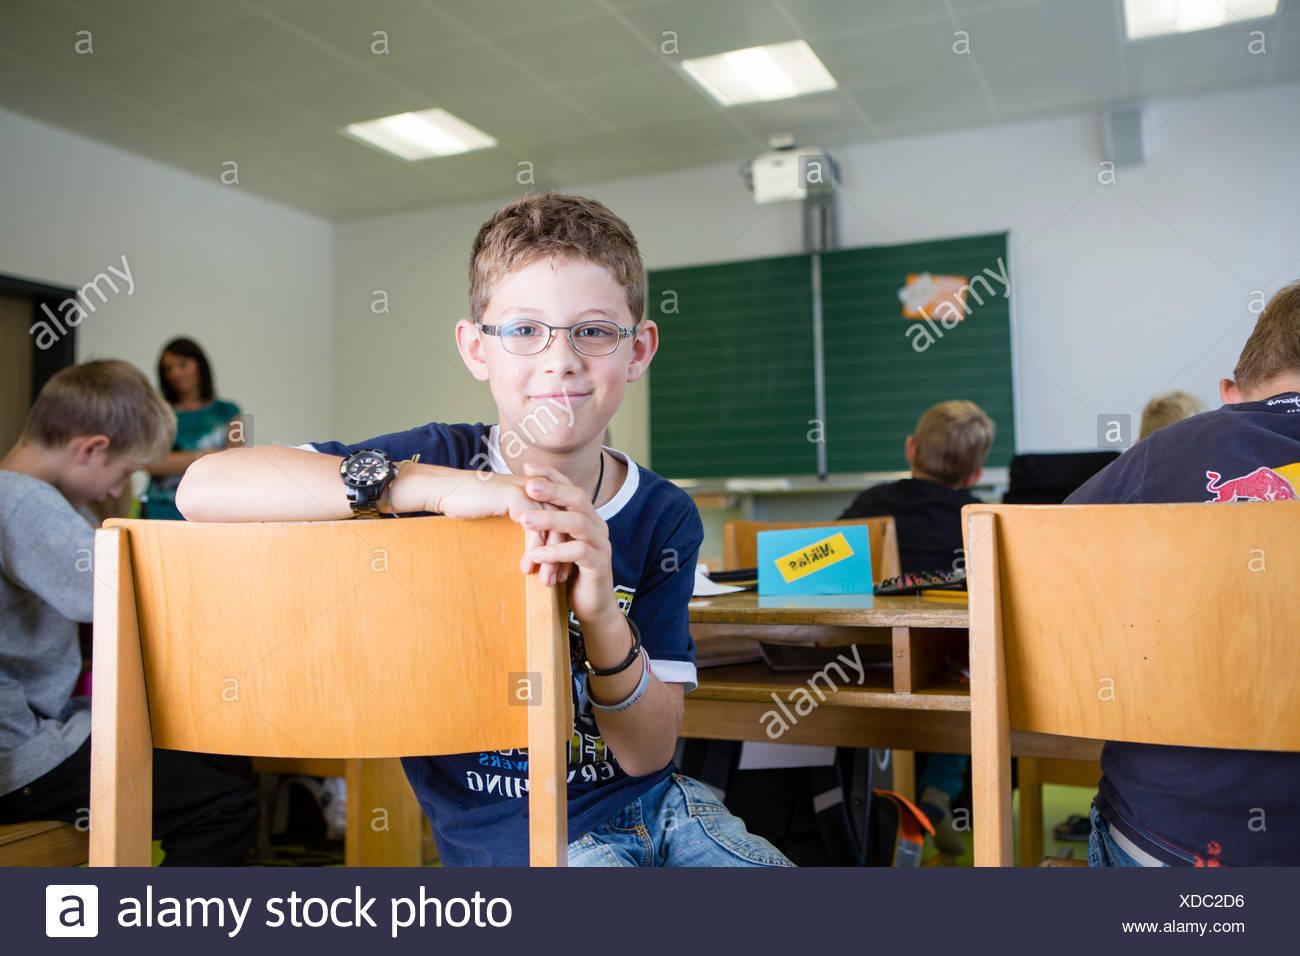 Garçon dans une classe de l'école élémentaire, Reith im Alpbachtal, district de Kufstein, Tyrol, Autriche Photo Stock